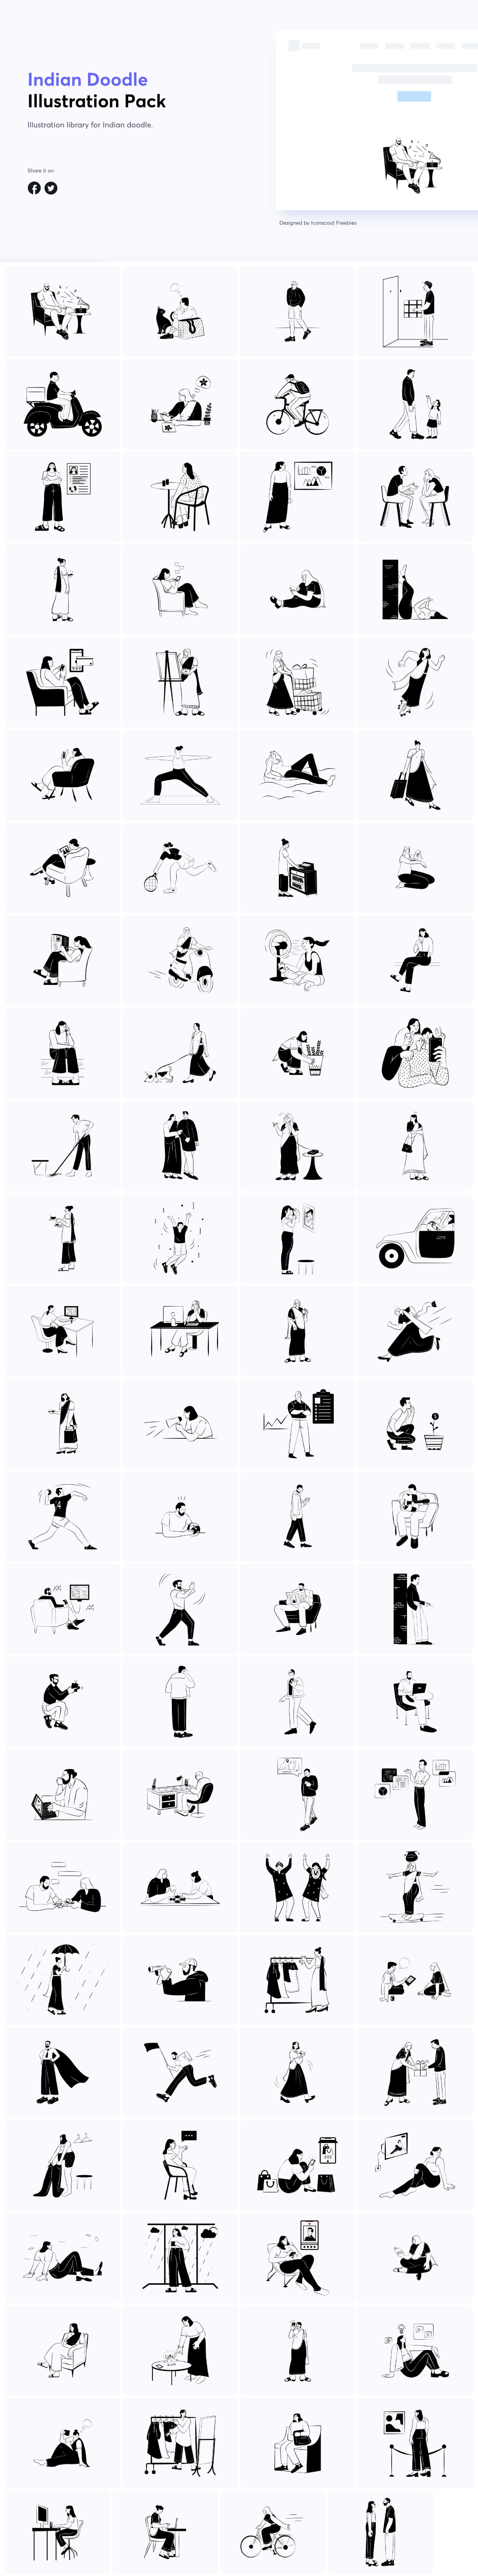 Indian Doodle Illustration pack presentation image